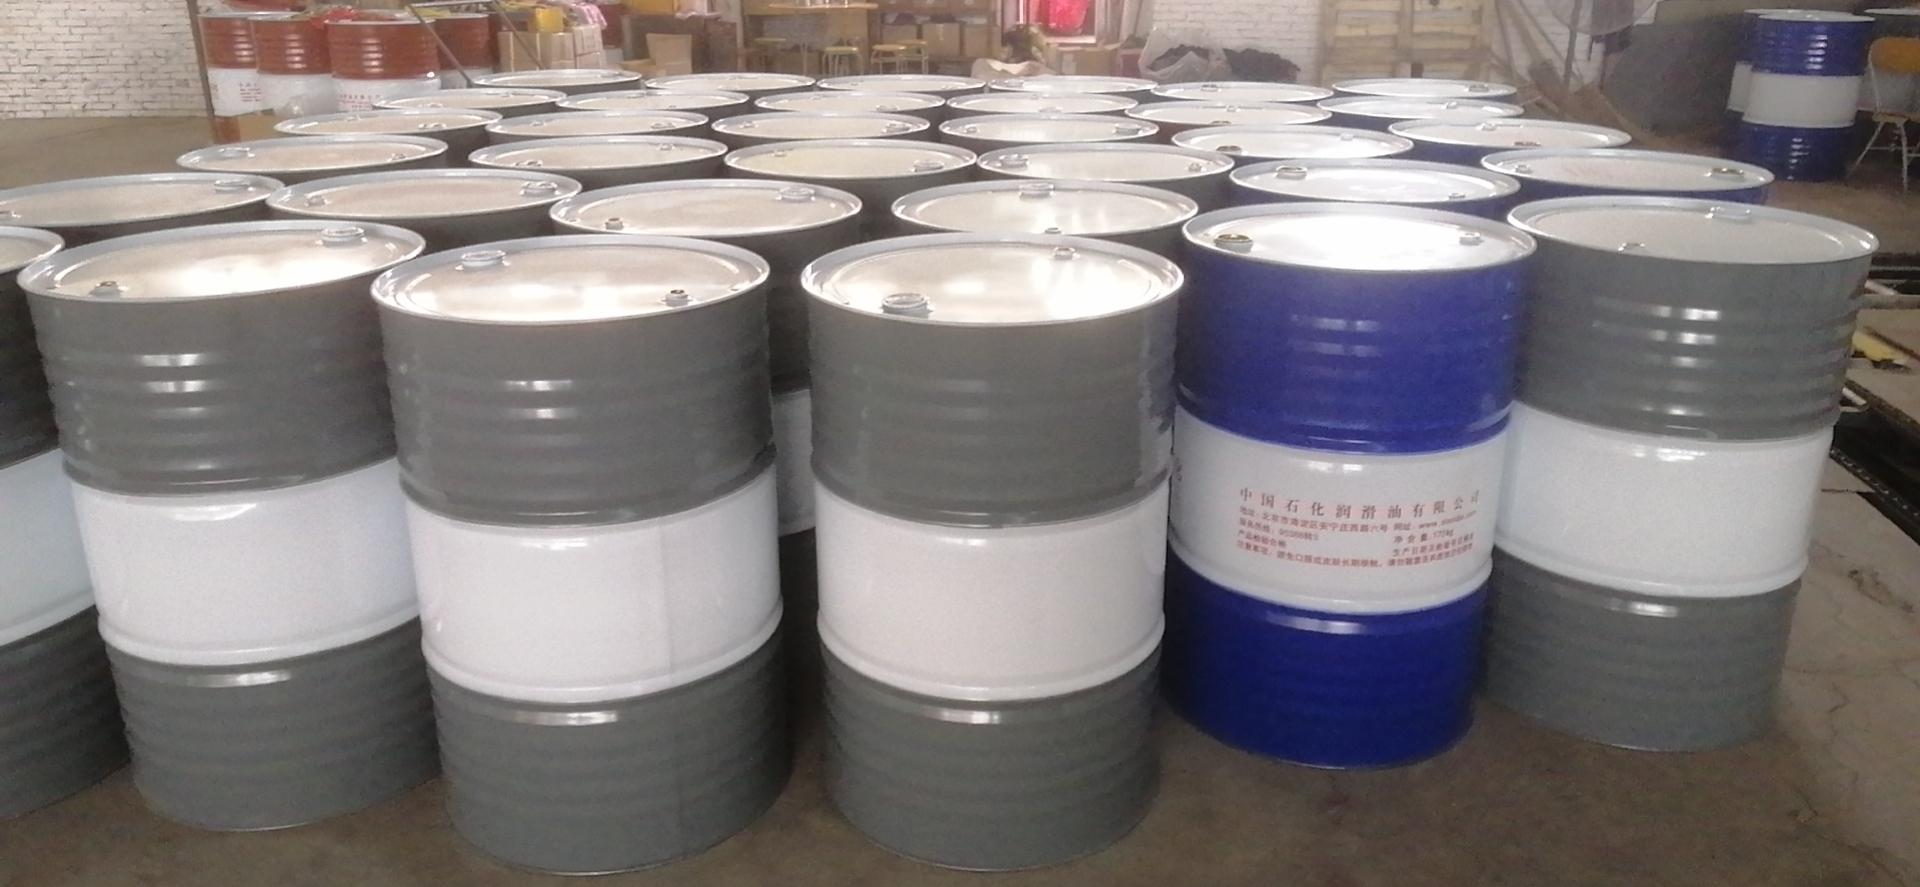 水性钢桶漆好施工吗?